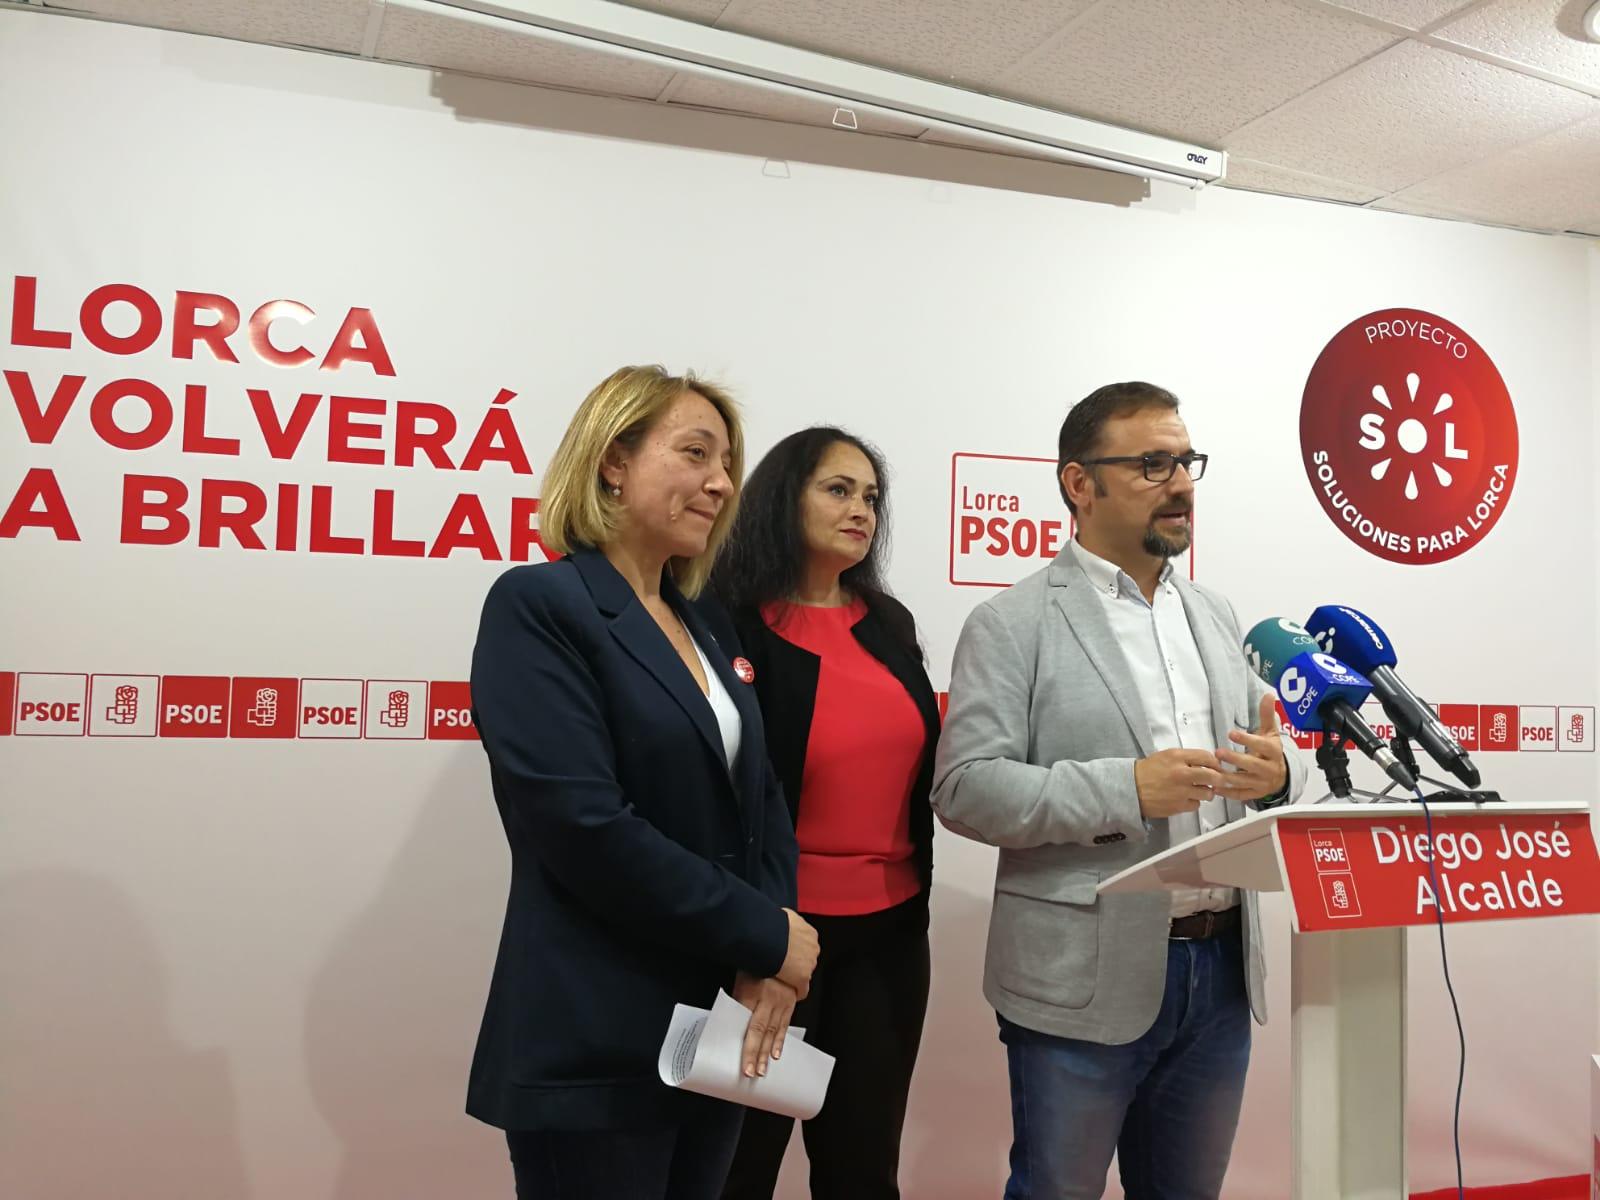 """Diego José Mateos: """"El objetivo del PSOE es conseguir las mejores infraestructuras educativas para Lorca con las que garantizar la equidad, la estabilidad y la excelencia de la Educación Pública"""""""